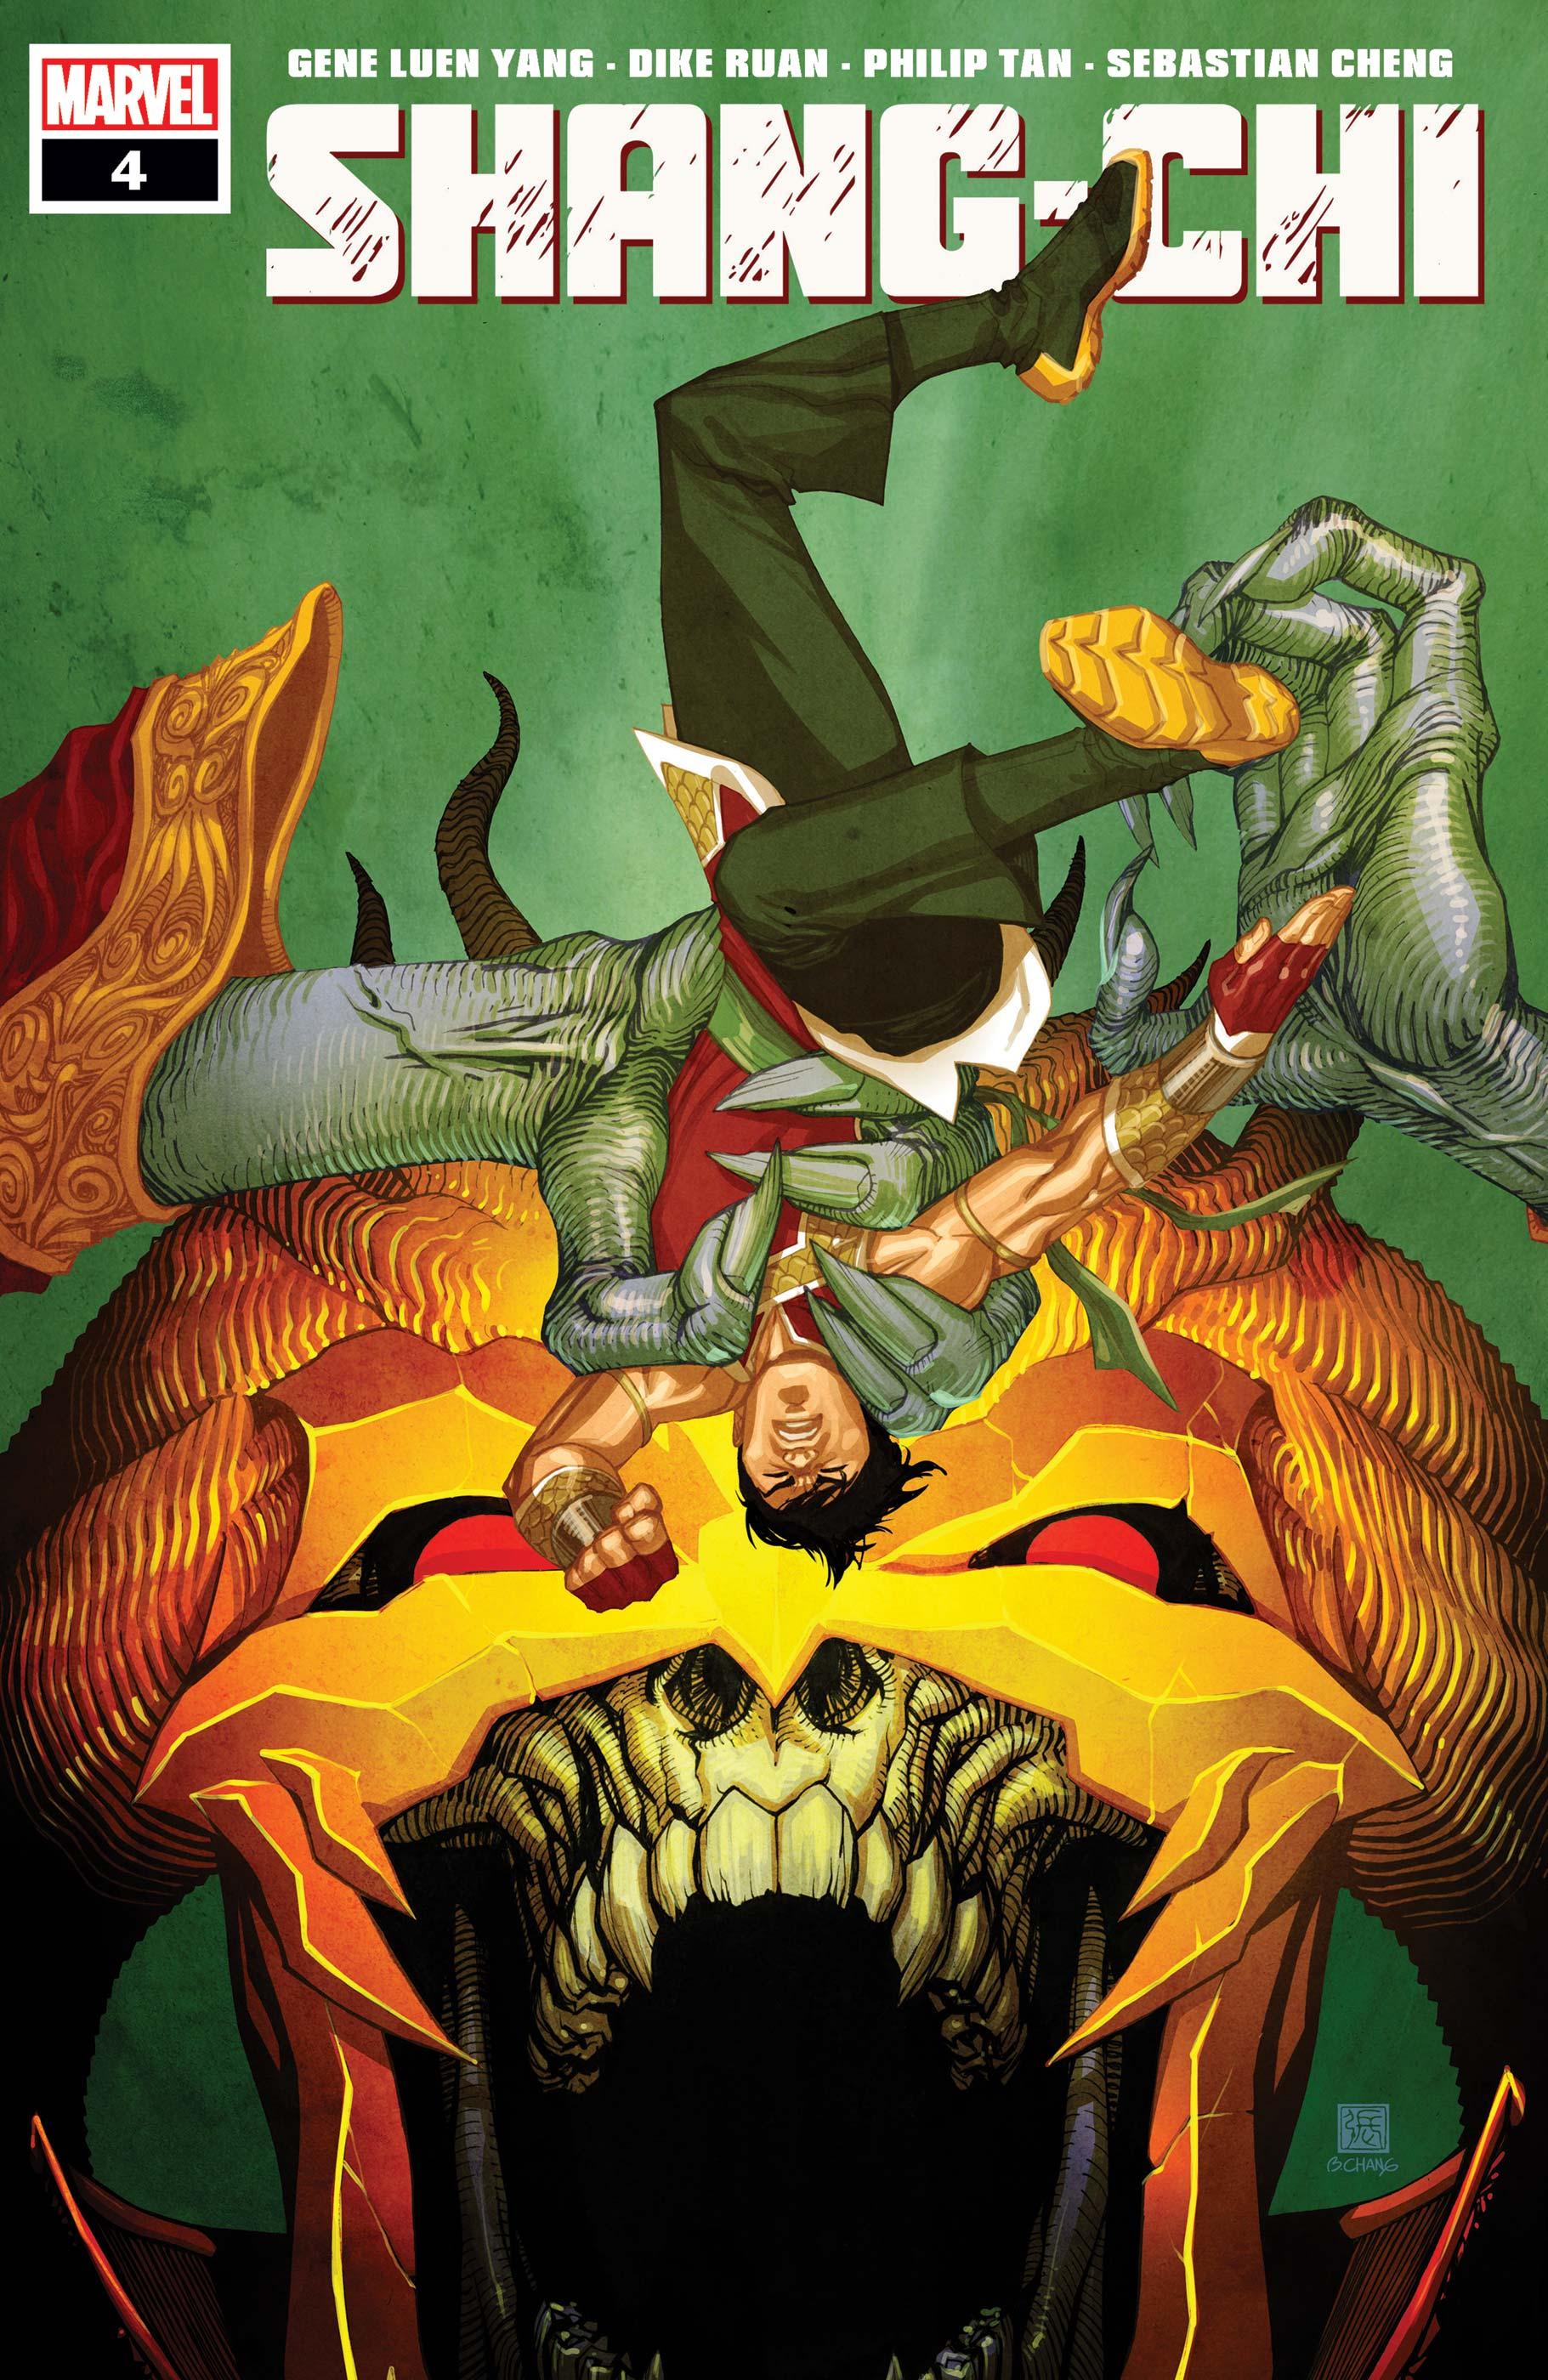 Shang-Chi #4 Cover by Bernard Chang